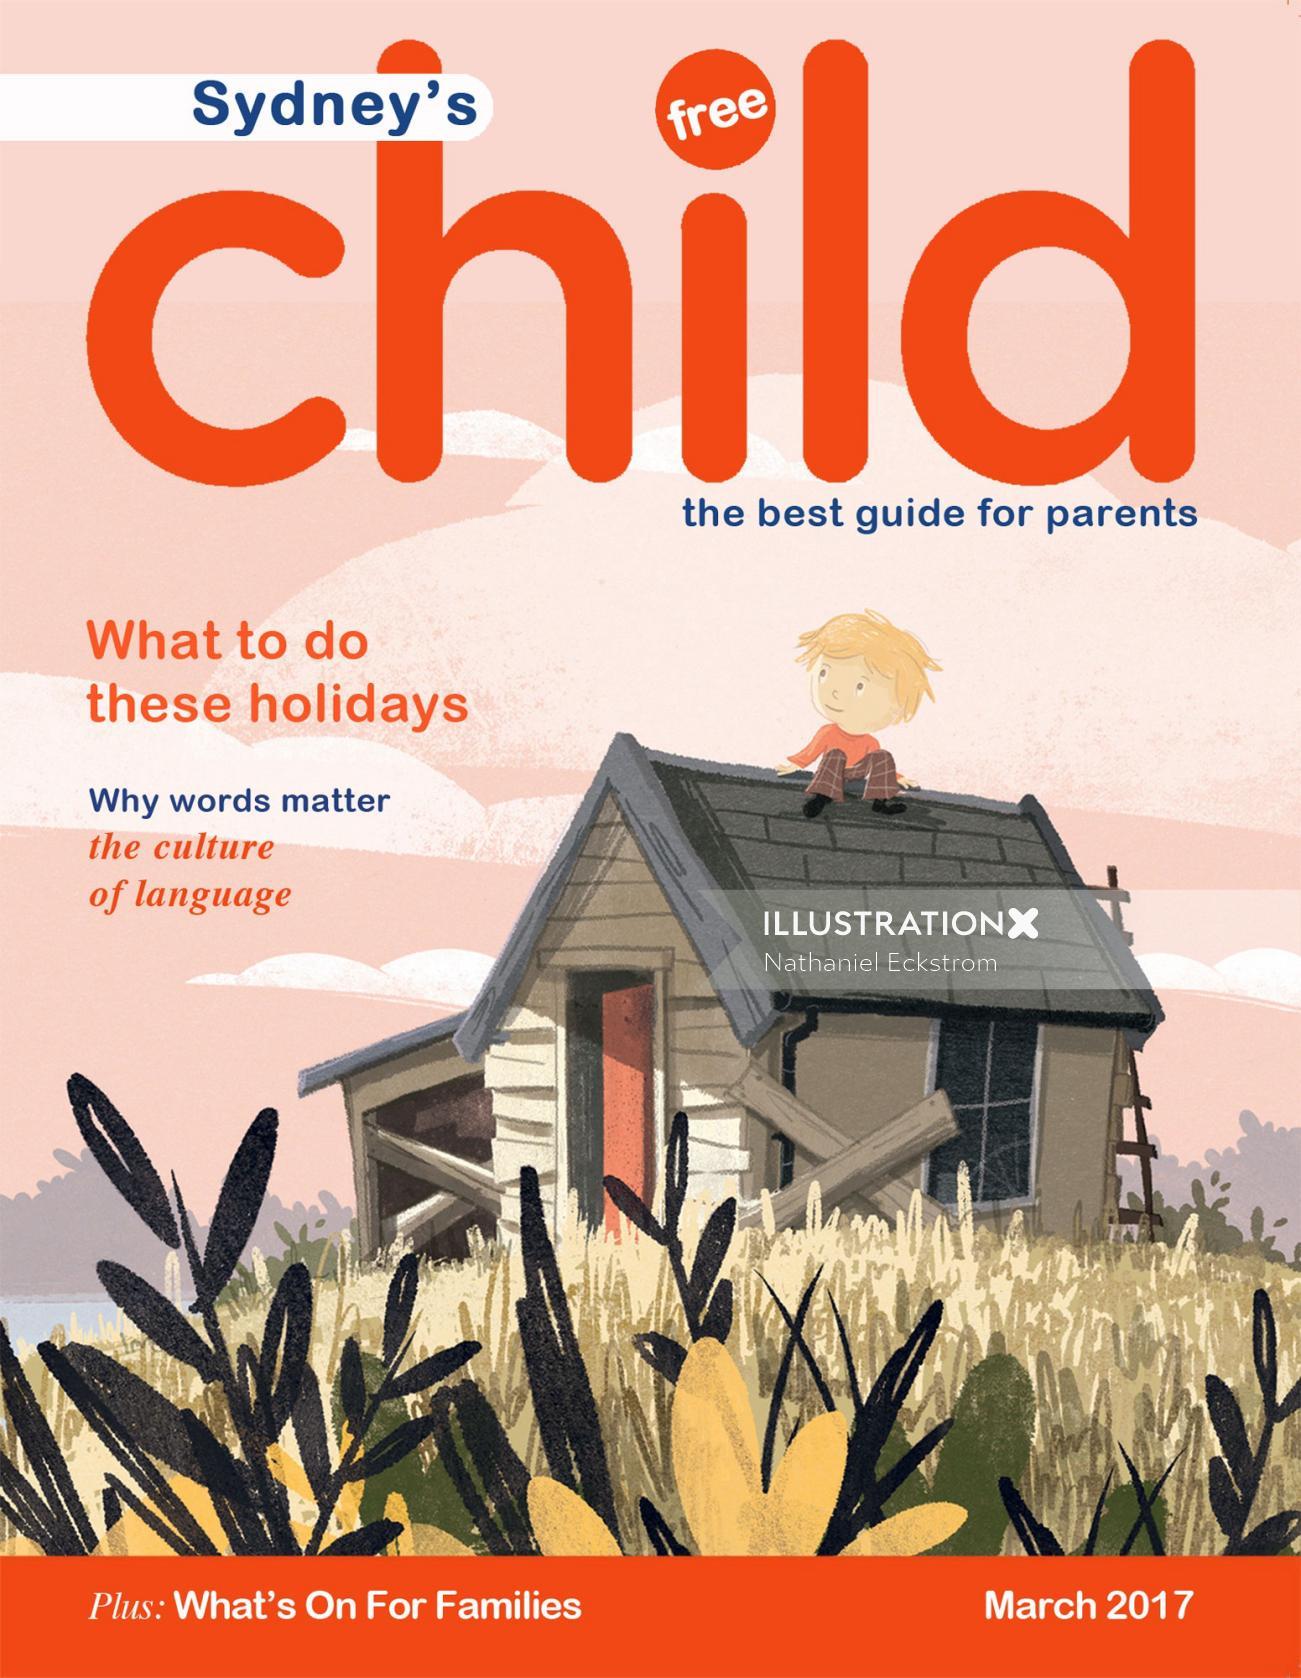 Magazine Cover Design For Sydney's Child